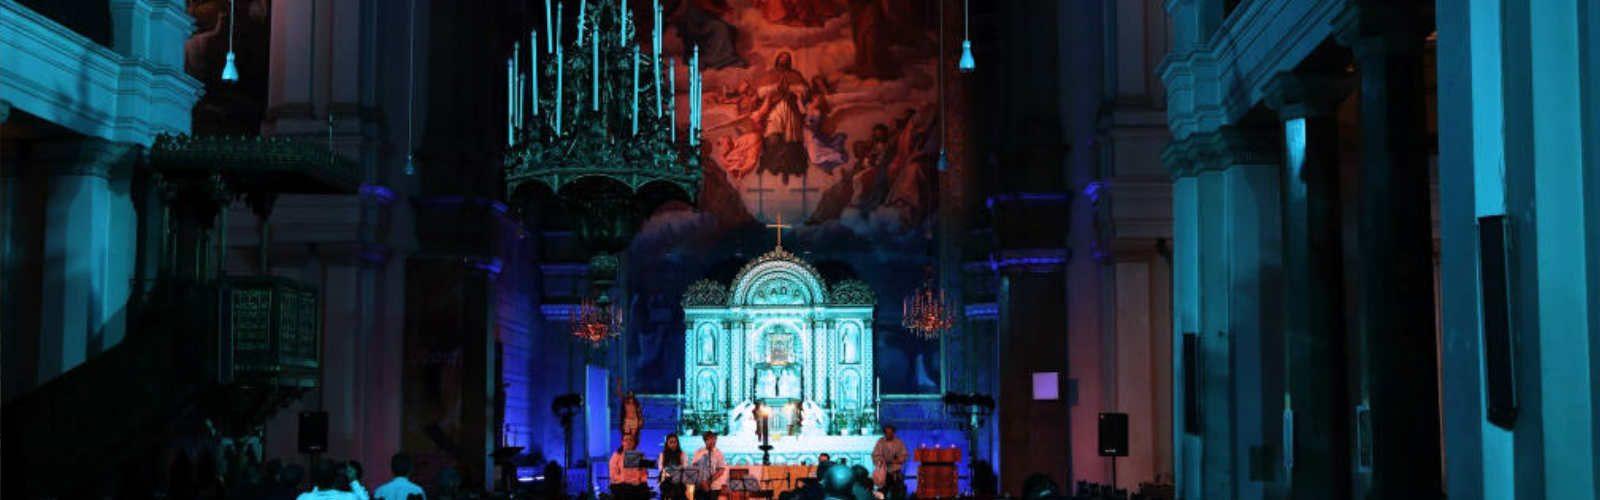 Kircheninnenraum beleuchtet